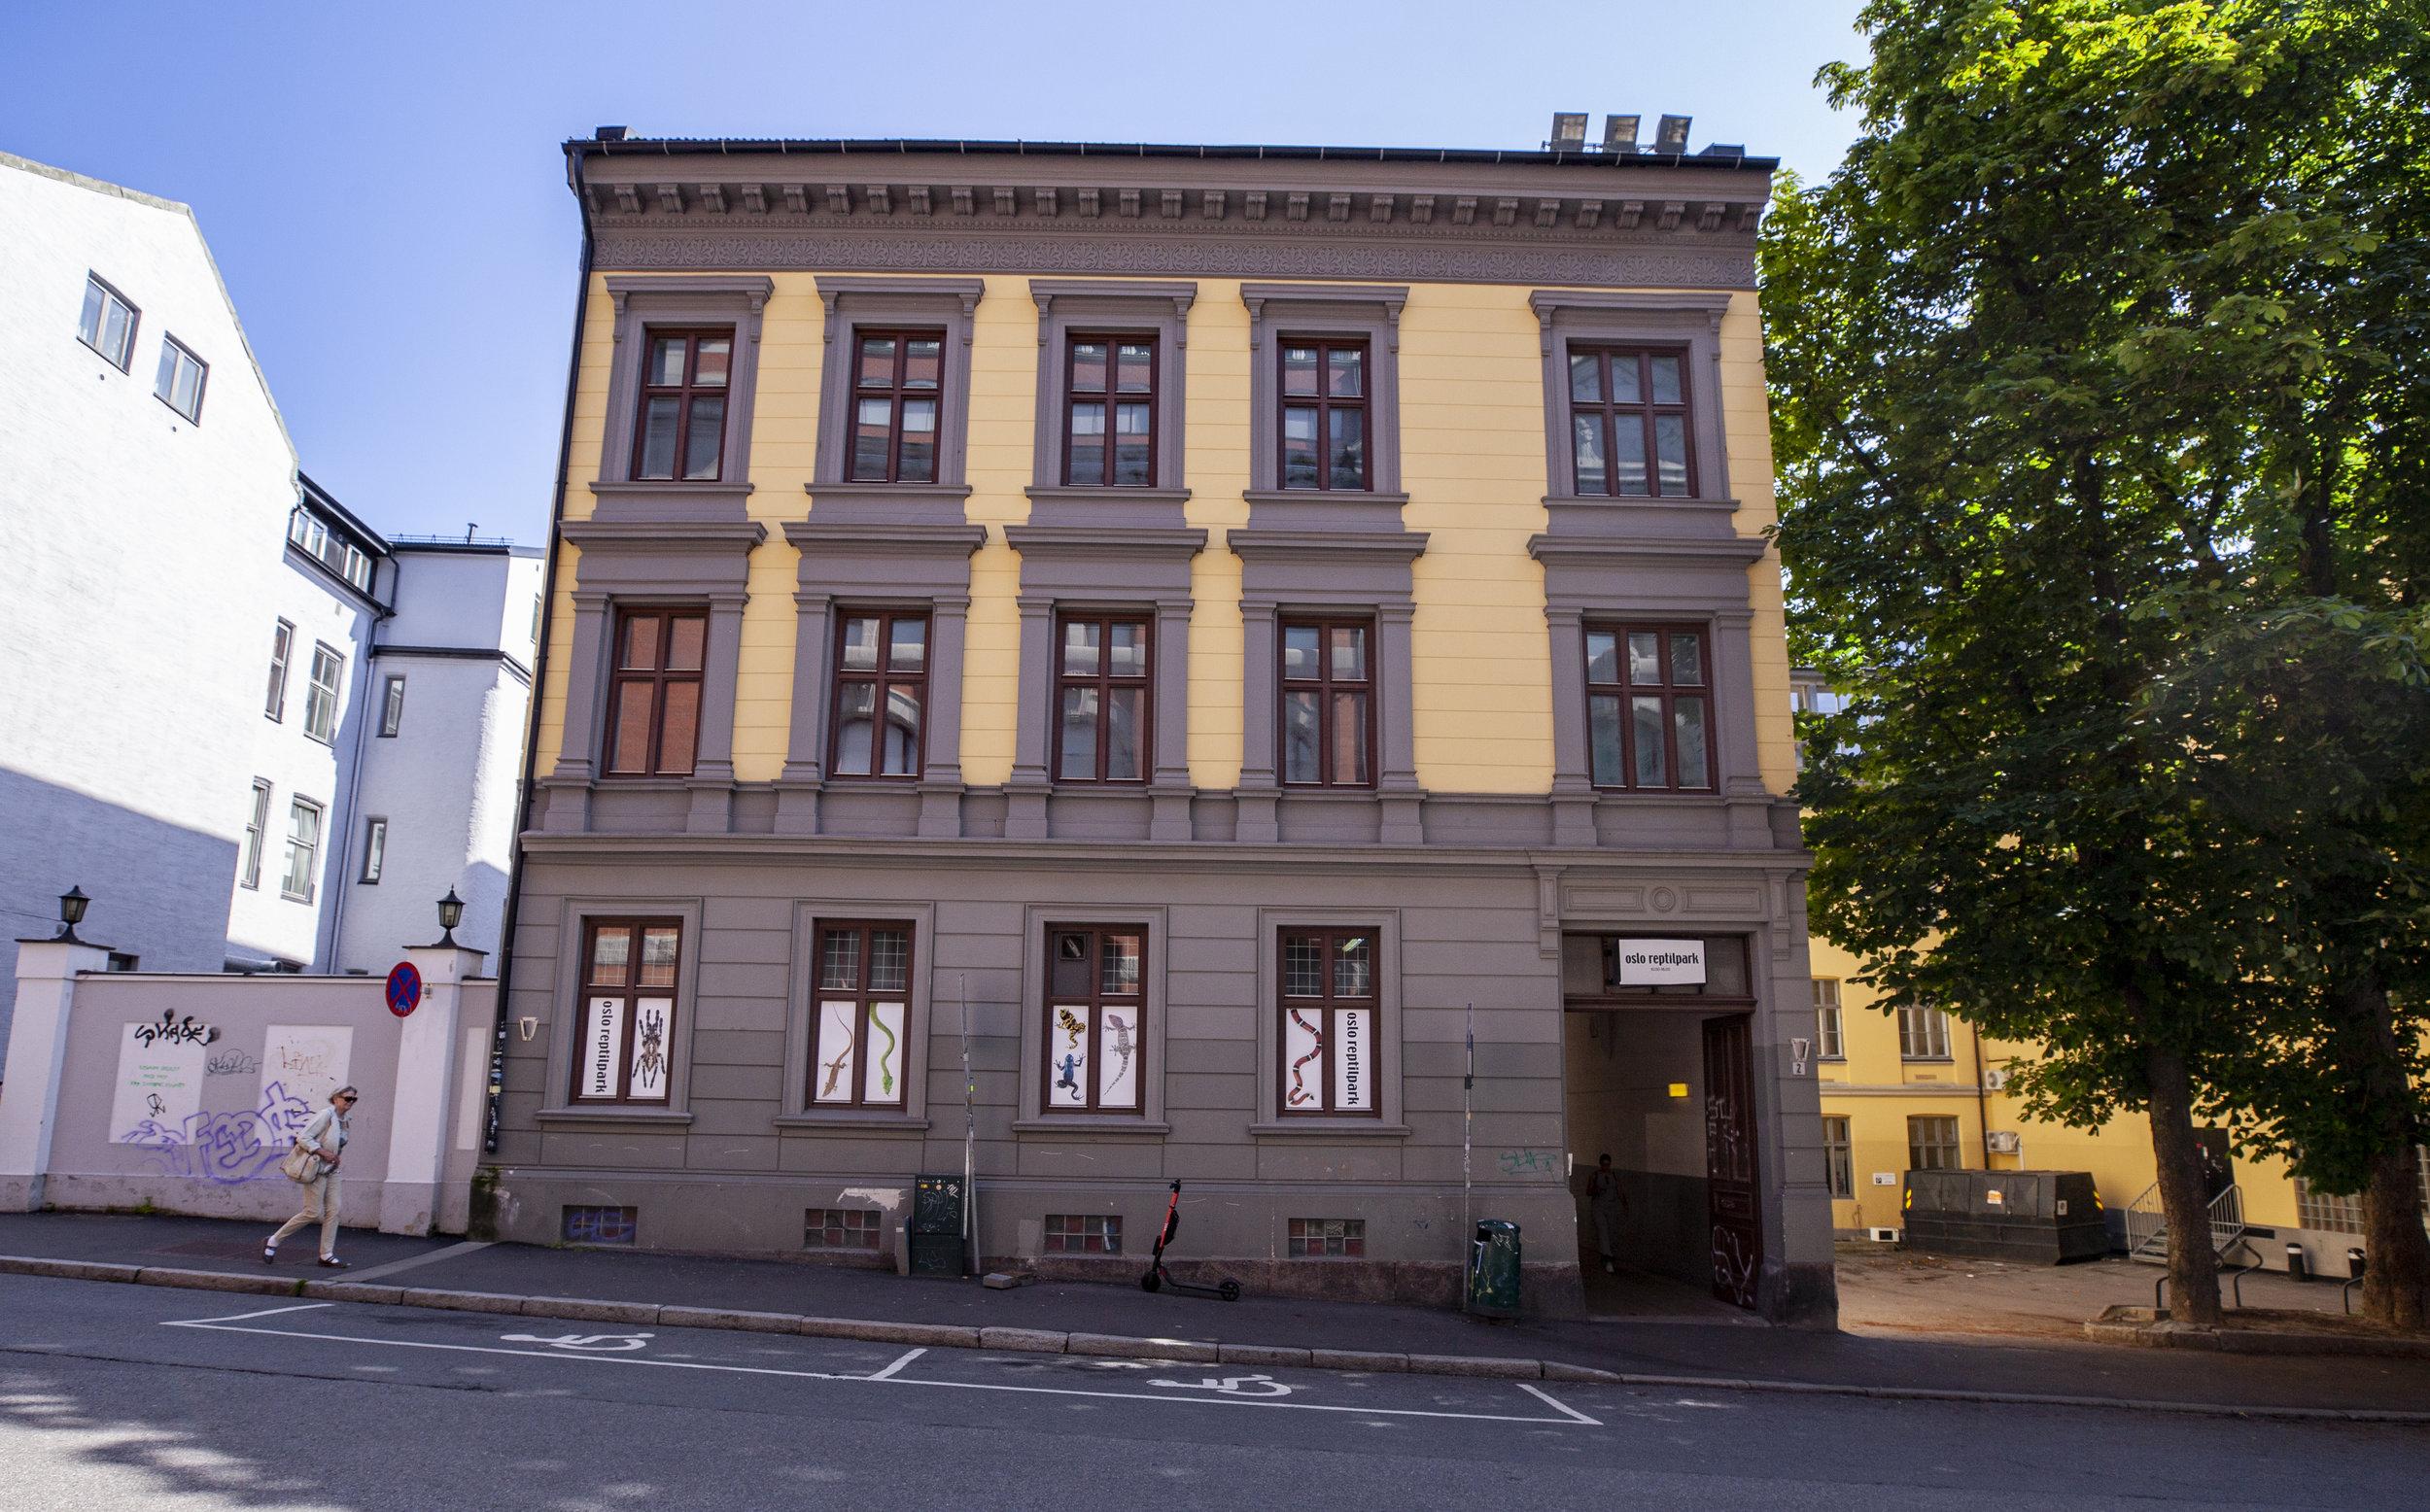 St. Olavs gate 2